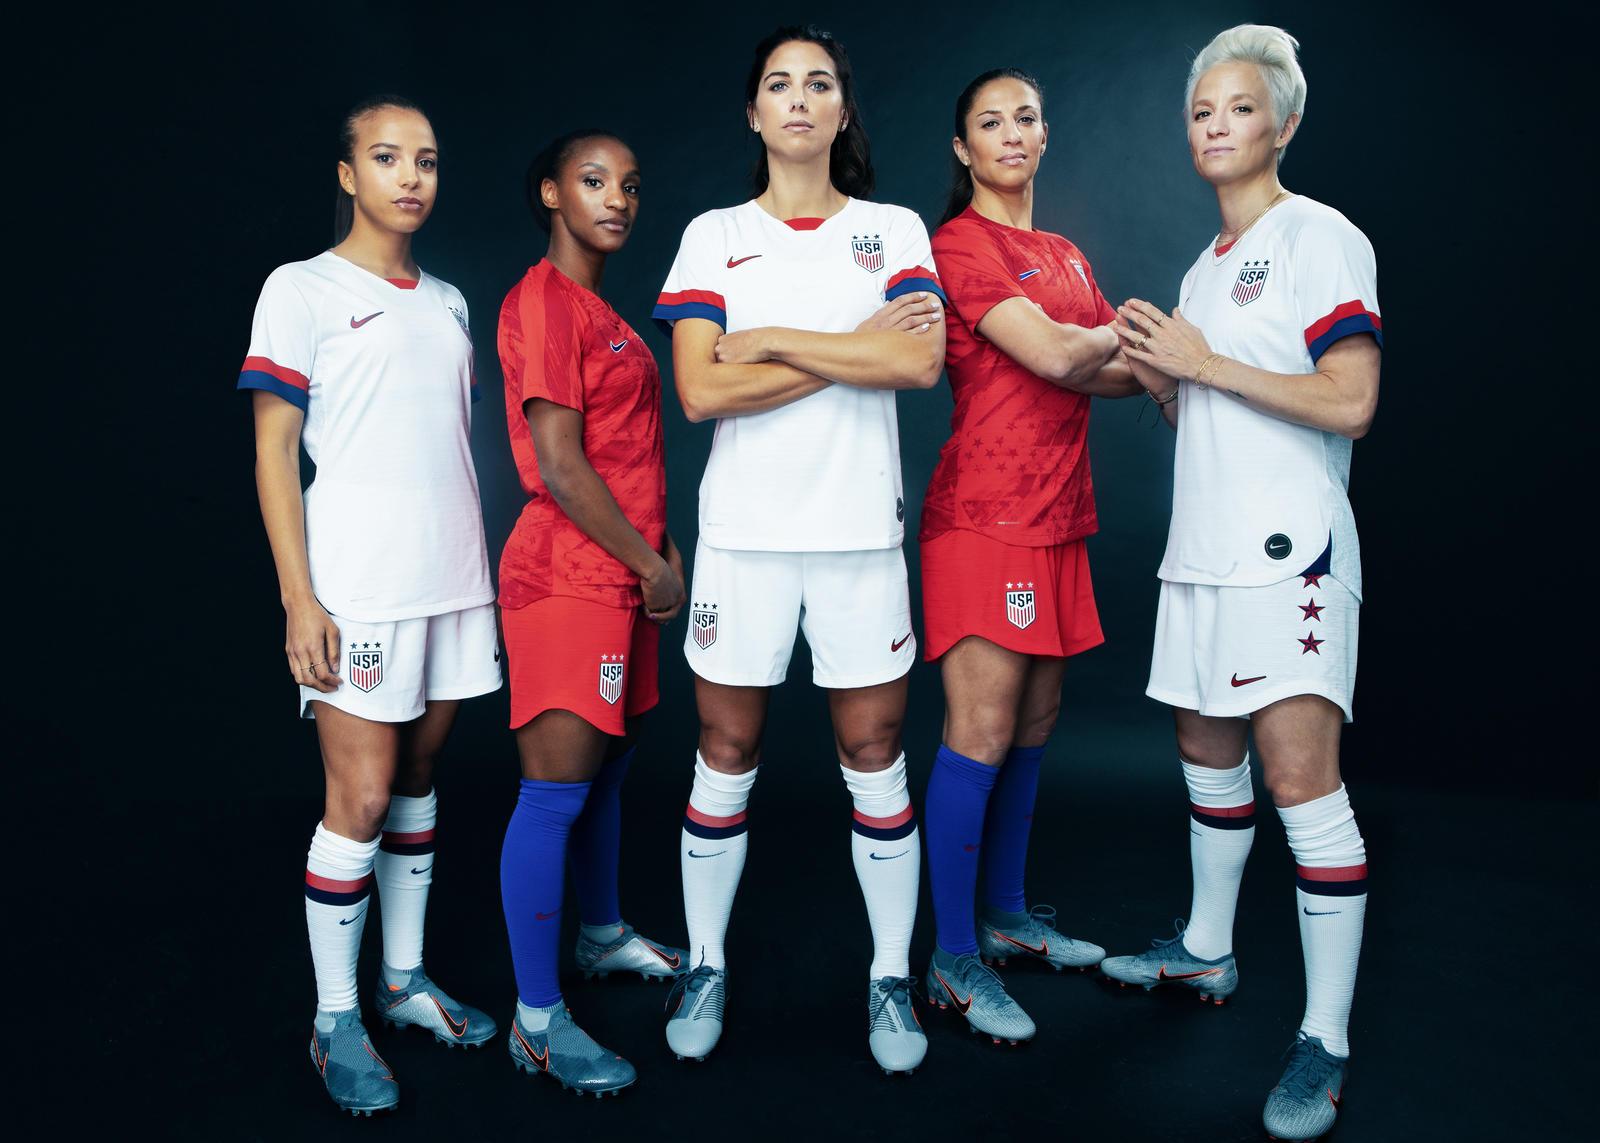 Beside Sport - Les maillots Nike pour la Coupe du monde féminine 2019 -  -